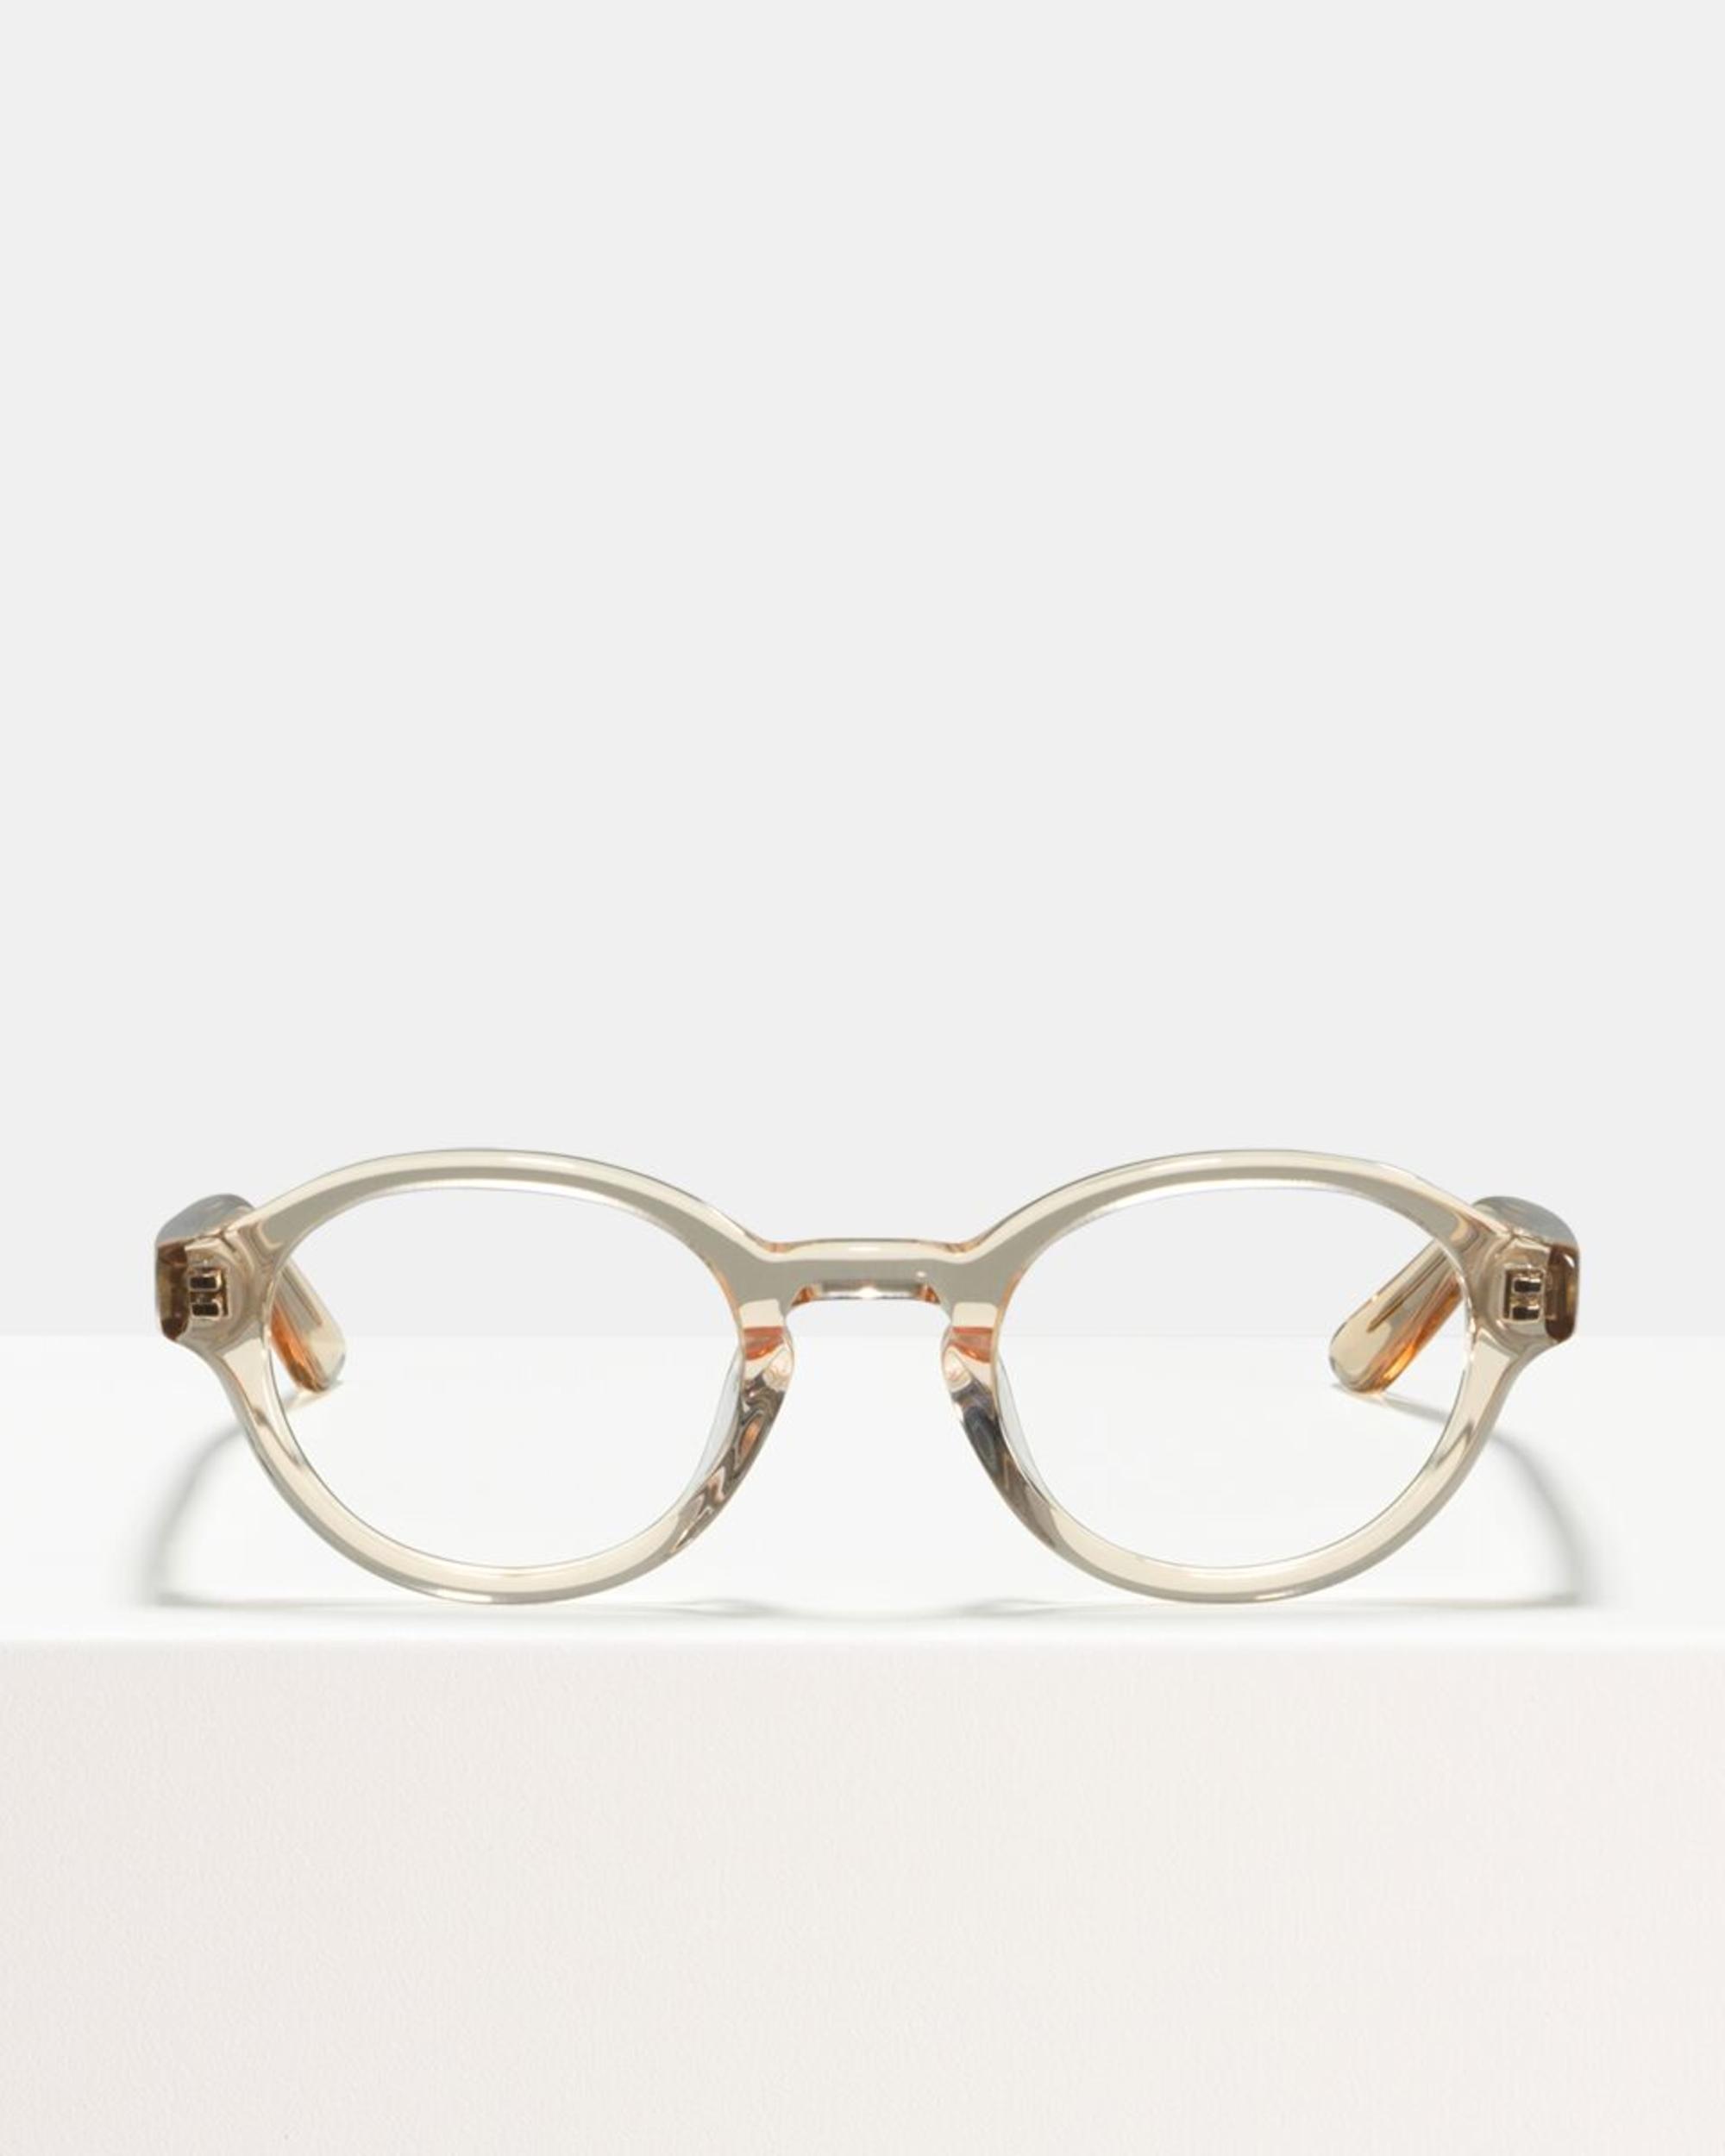 Ace & Tate Glasses |  acetaat in Doorzichtig